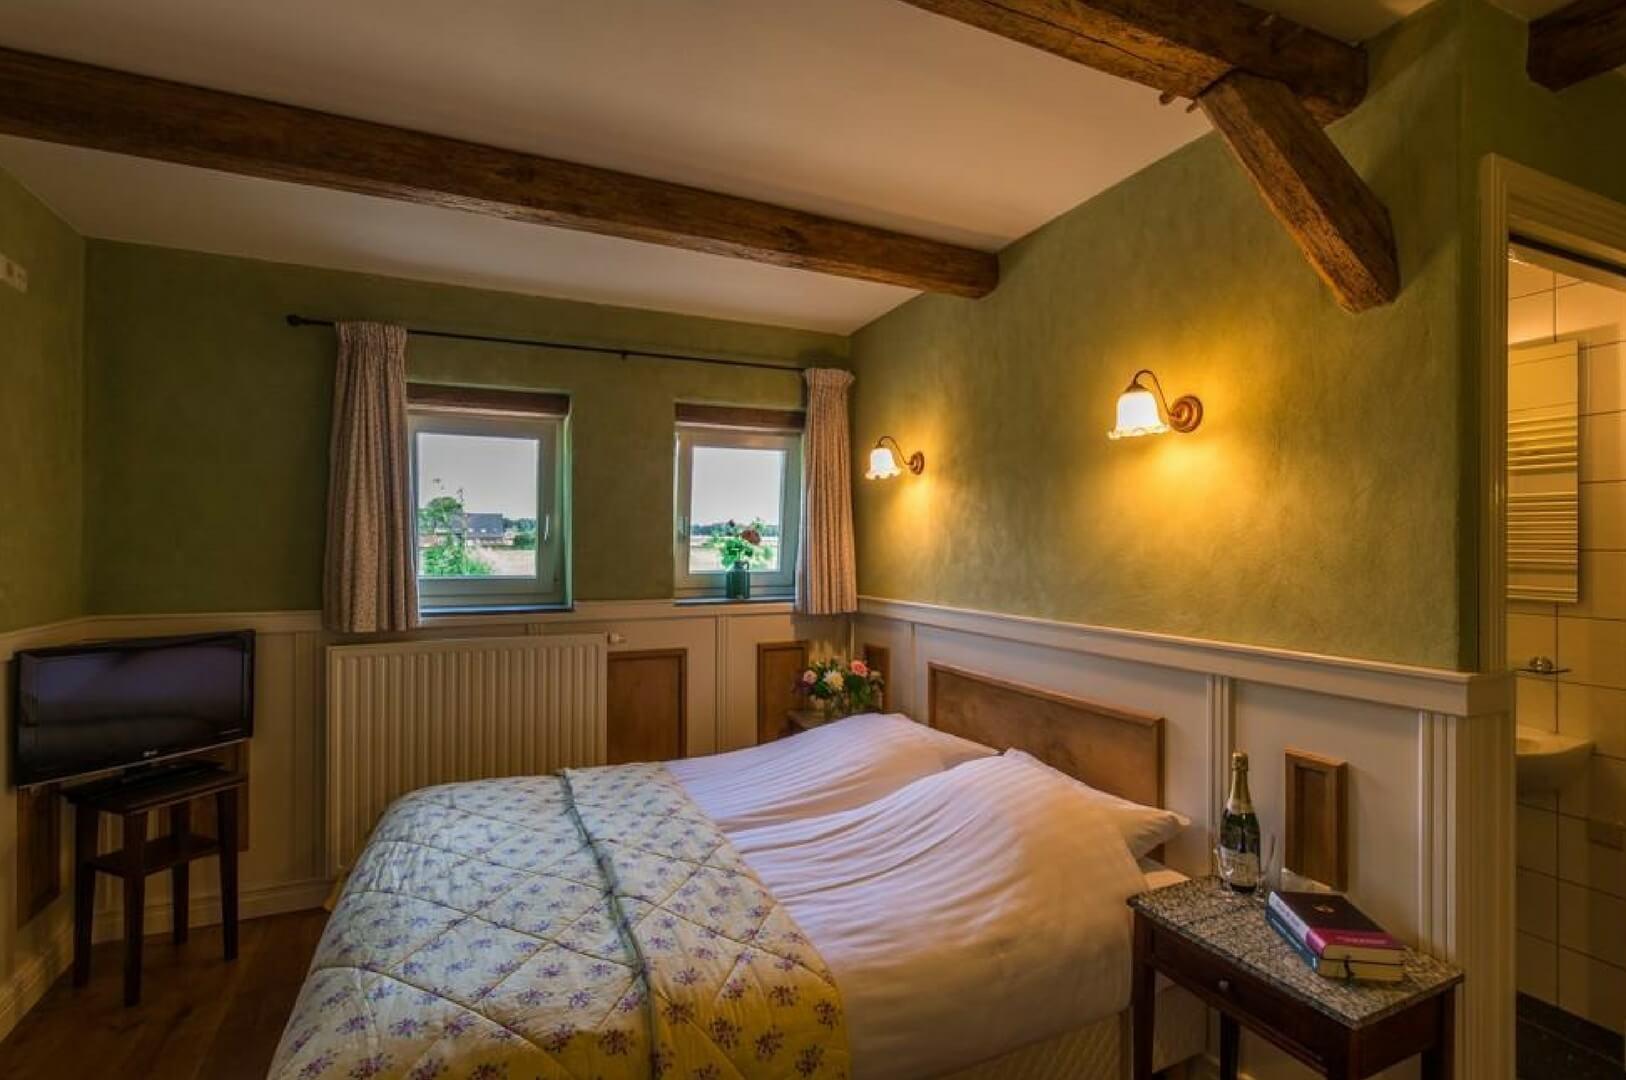 vakantiehuis roebelsbos villapparte de smockelaer luxe groepsaccommodatie voor 20 personen zuid limburg